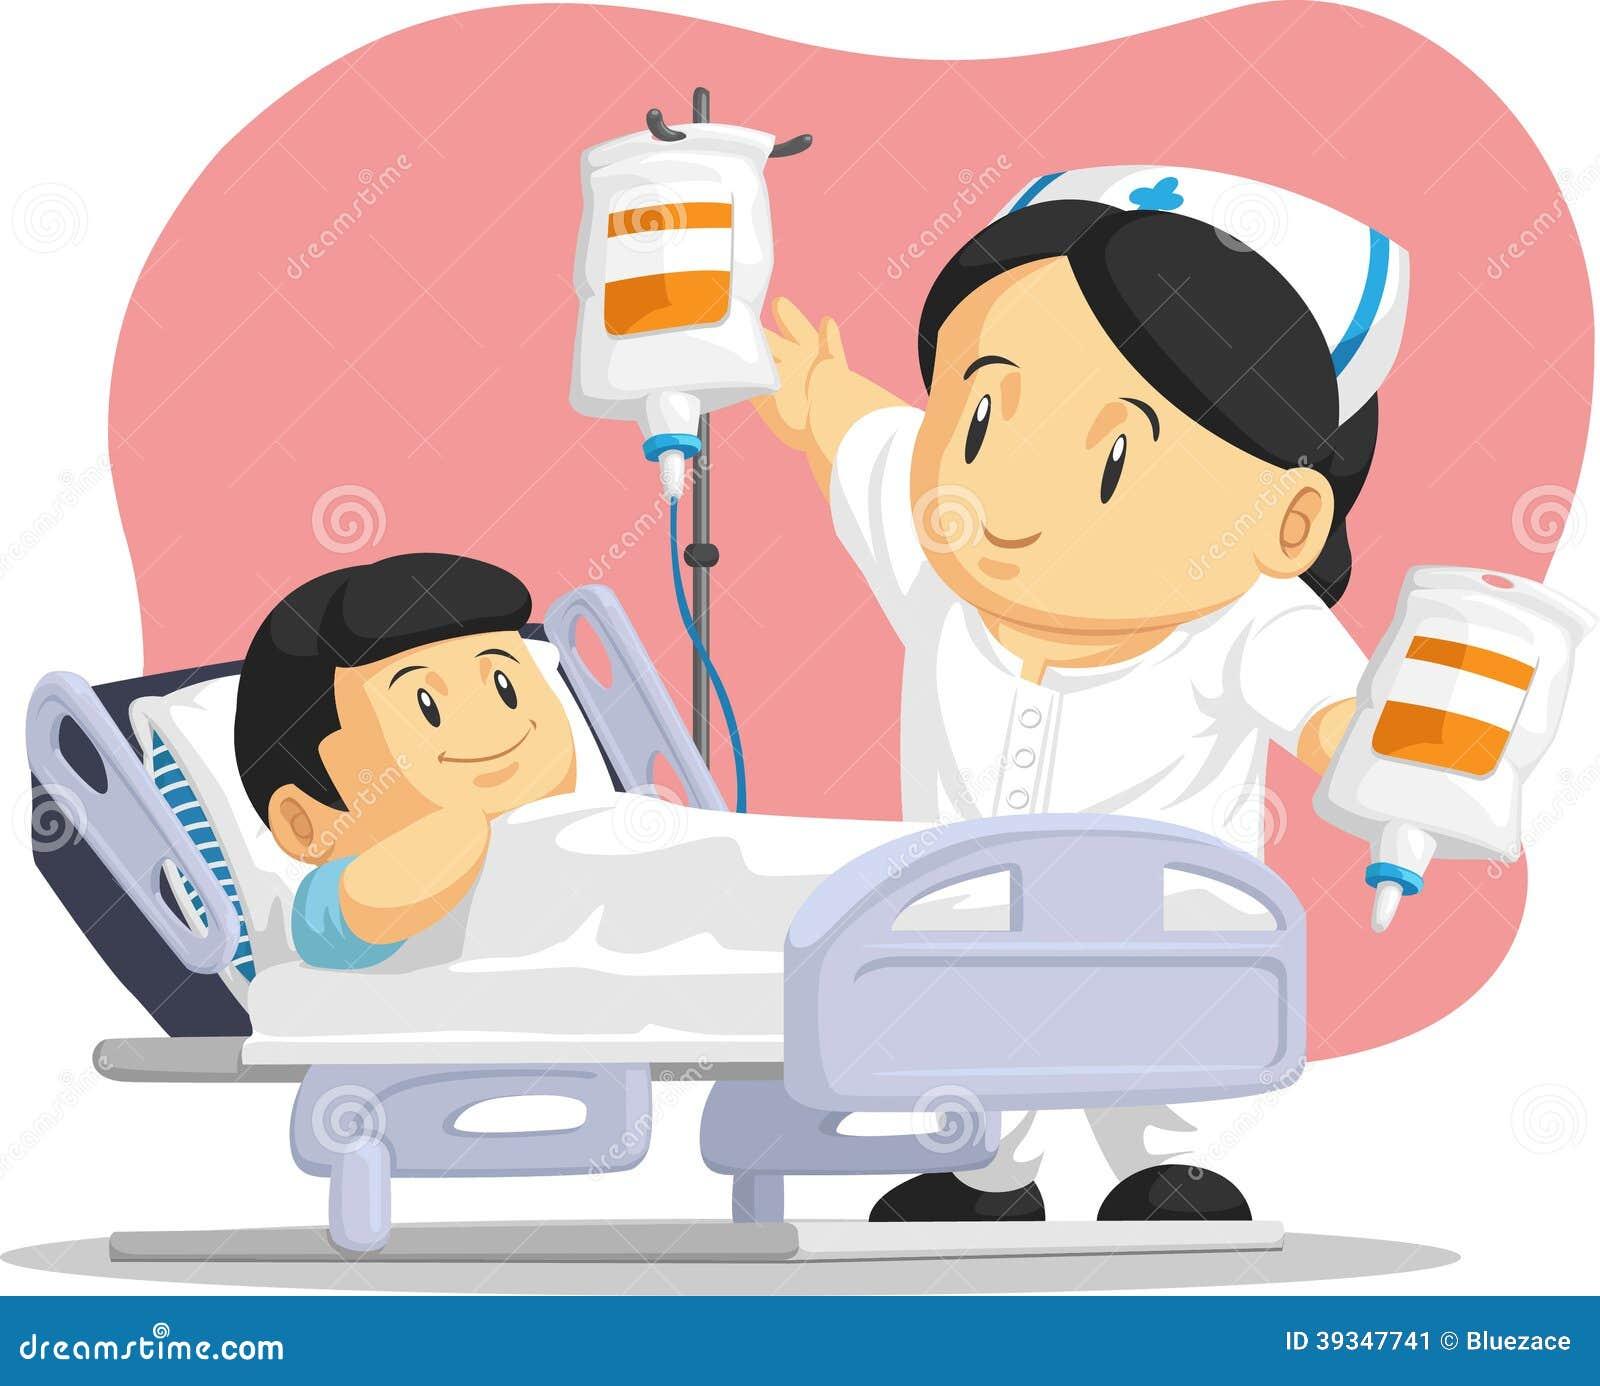 护士帮助的儿童患者动画片图片